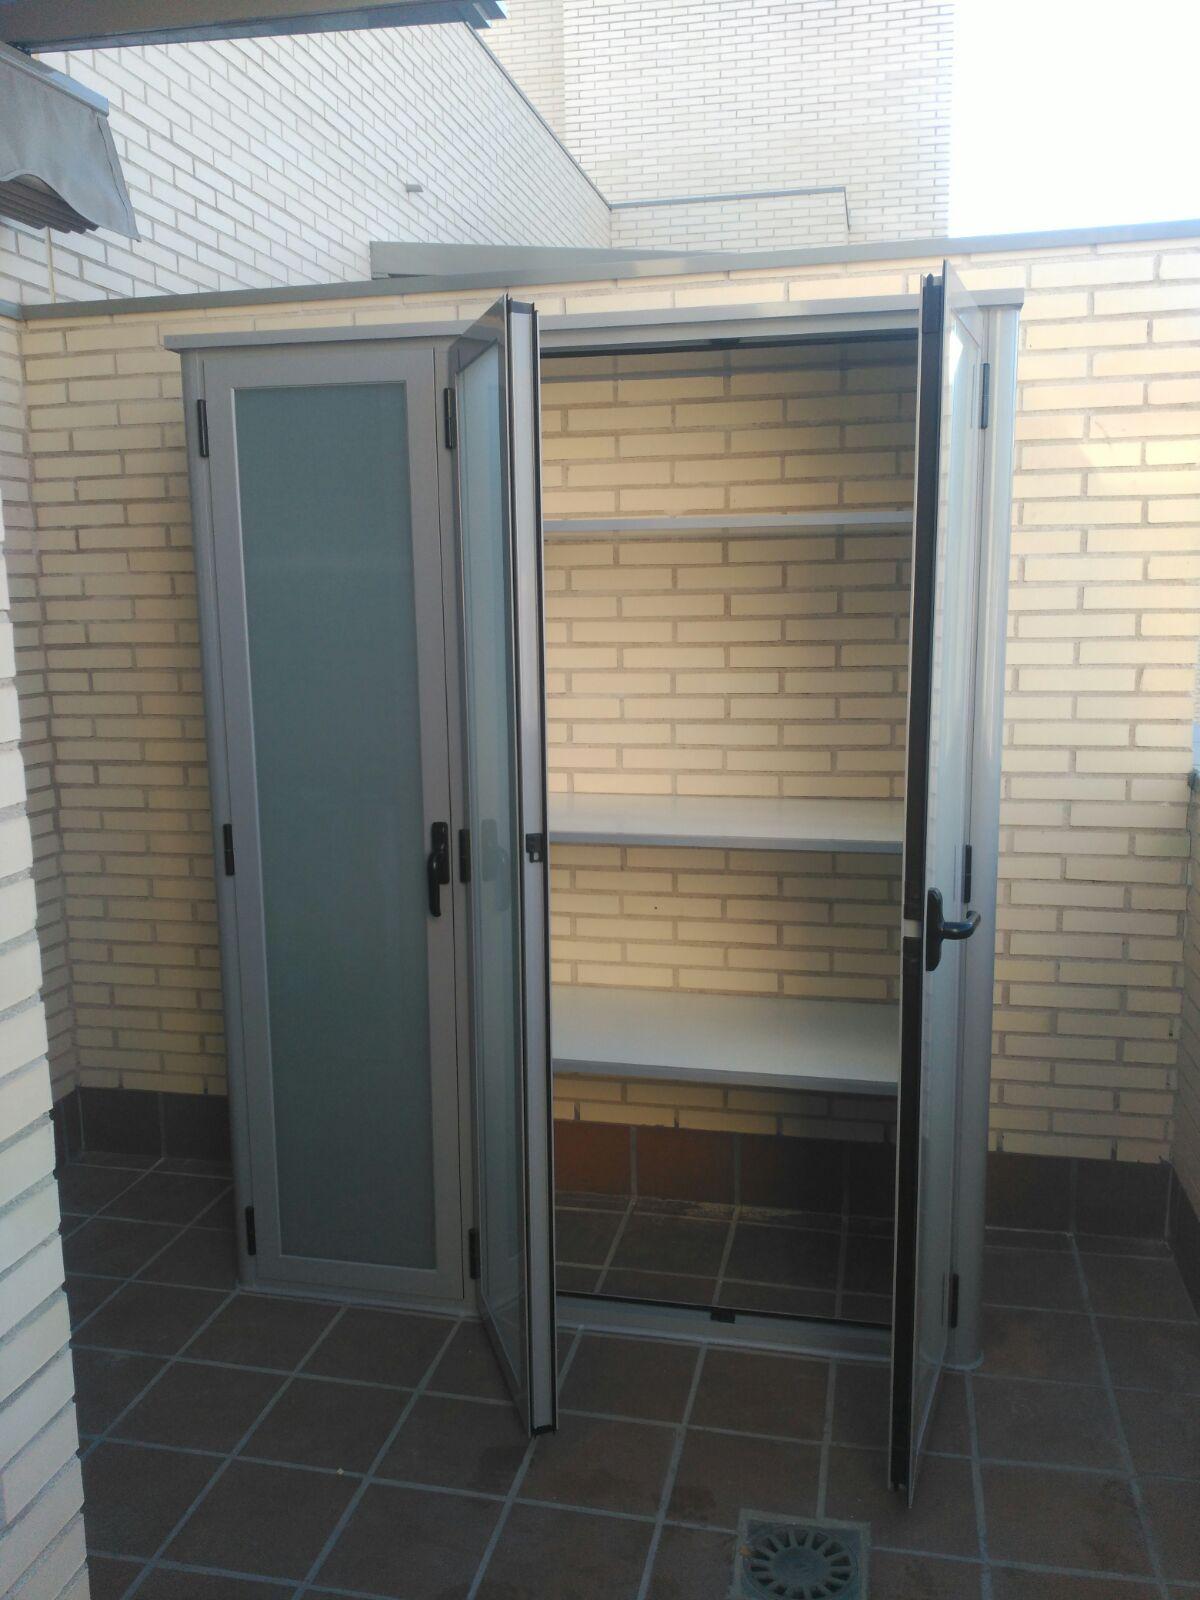 Armario abatible en lacado gris con hojas abiertas aluminios villalba empresa de aluminios y - Armario para caldera exterior ...